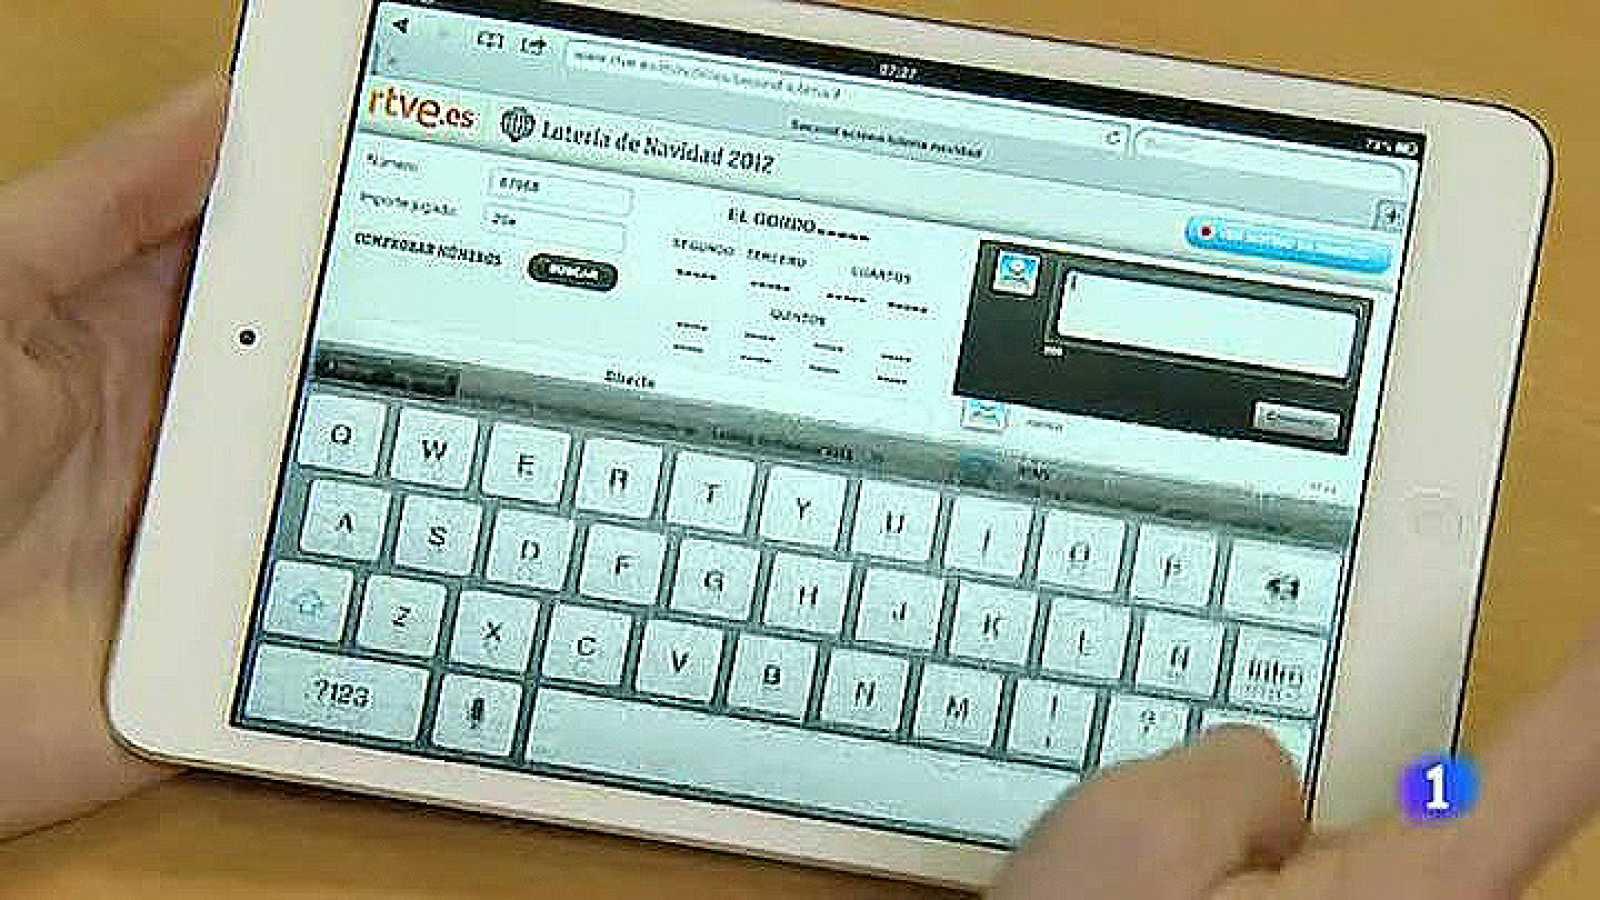 La Web de RTVE.es tiene en funcionamiento el portal de la Lotería de Navidad con algunas novedades